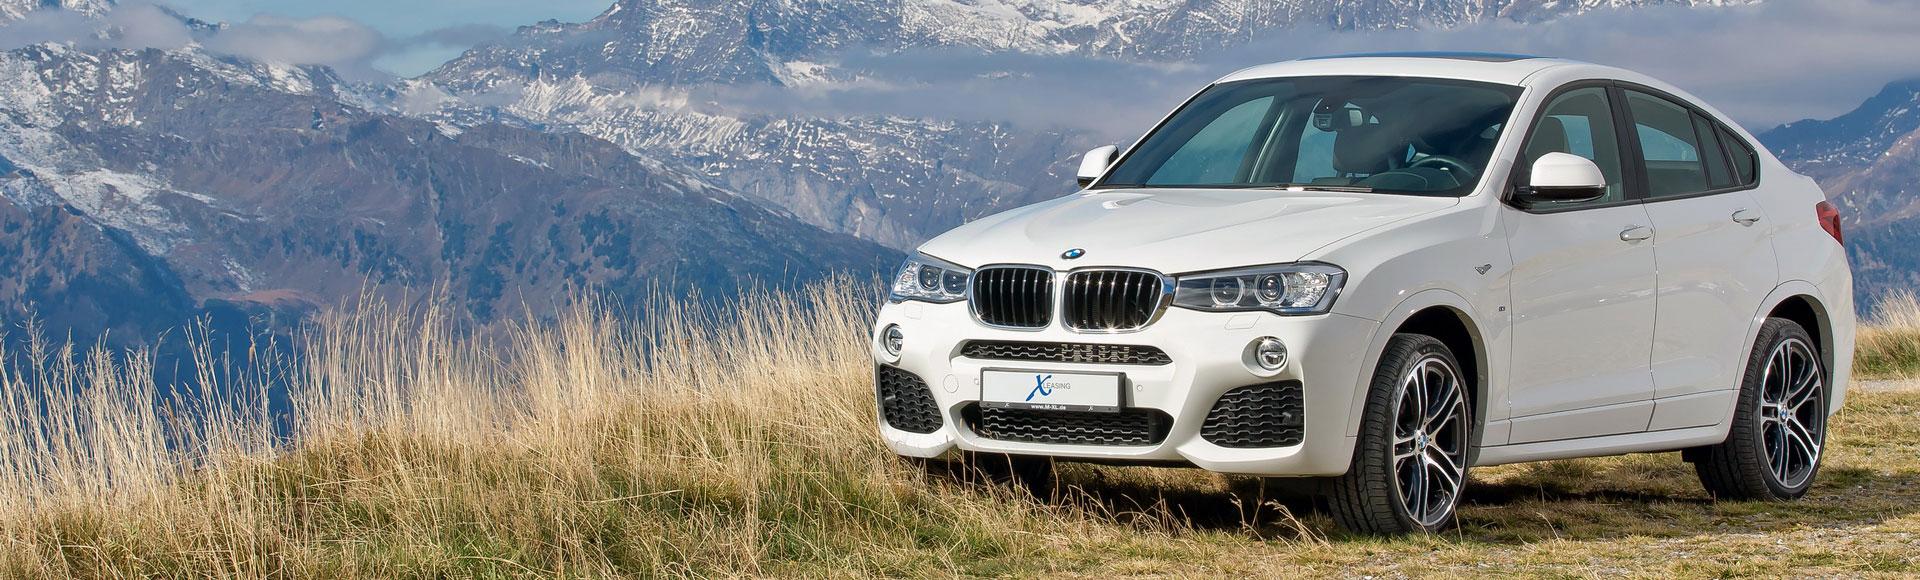 BMW X4 2015 Herbst 202